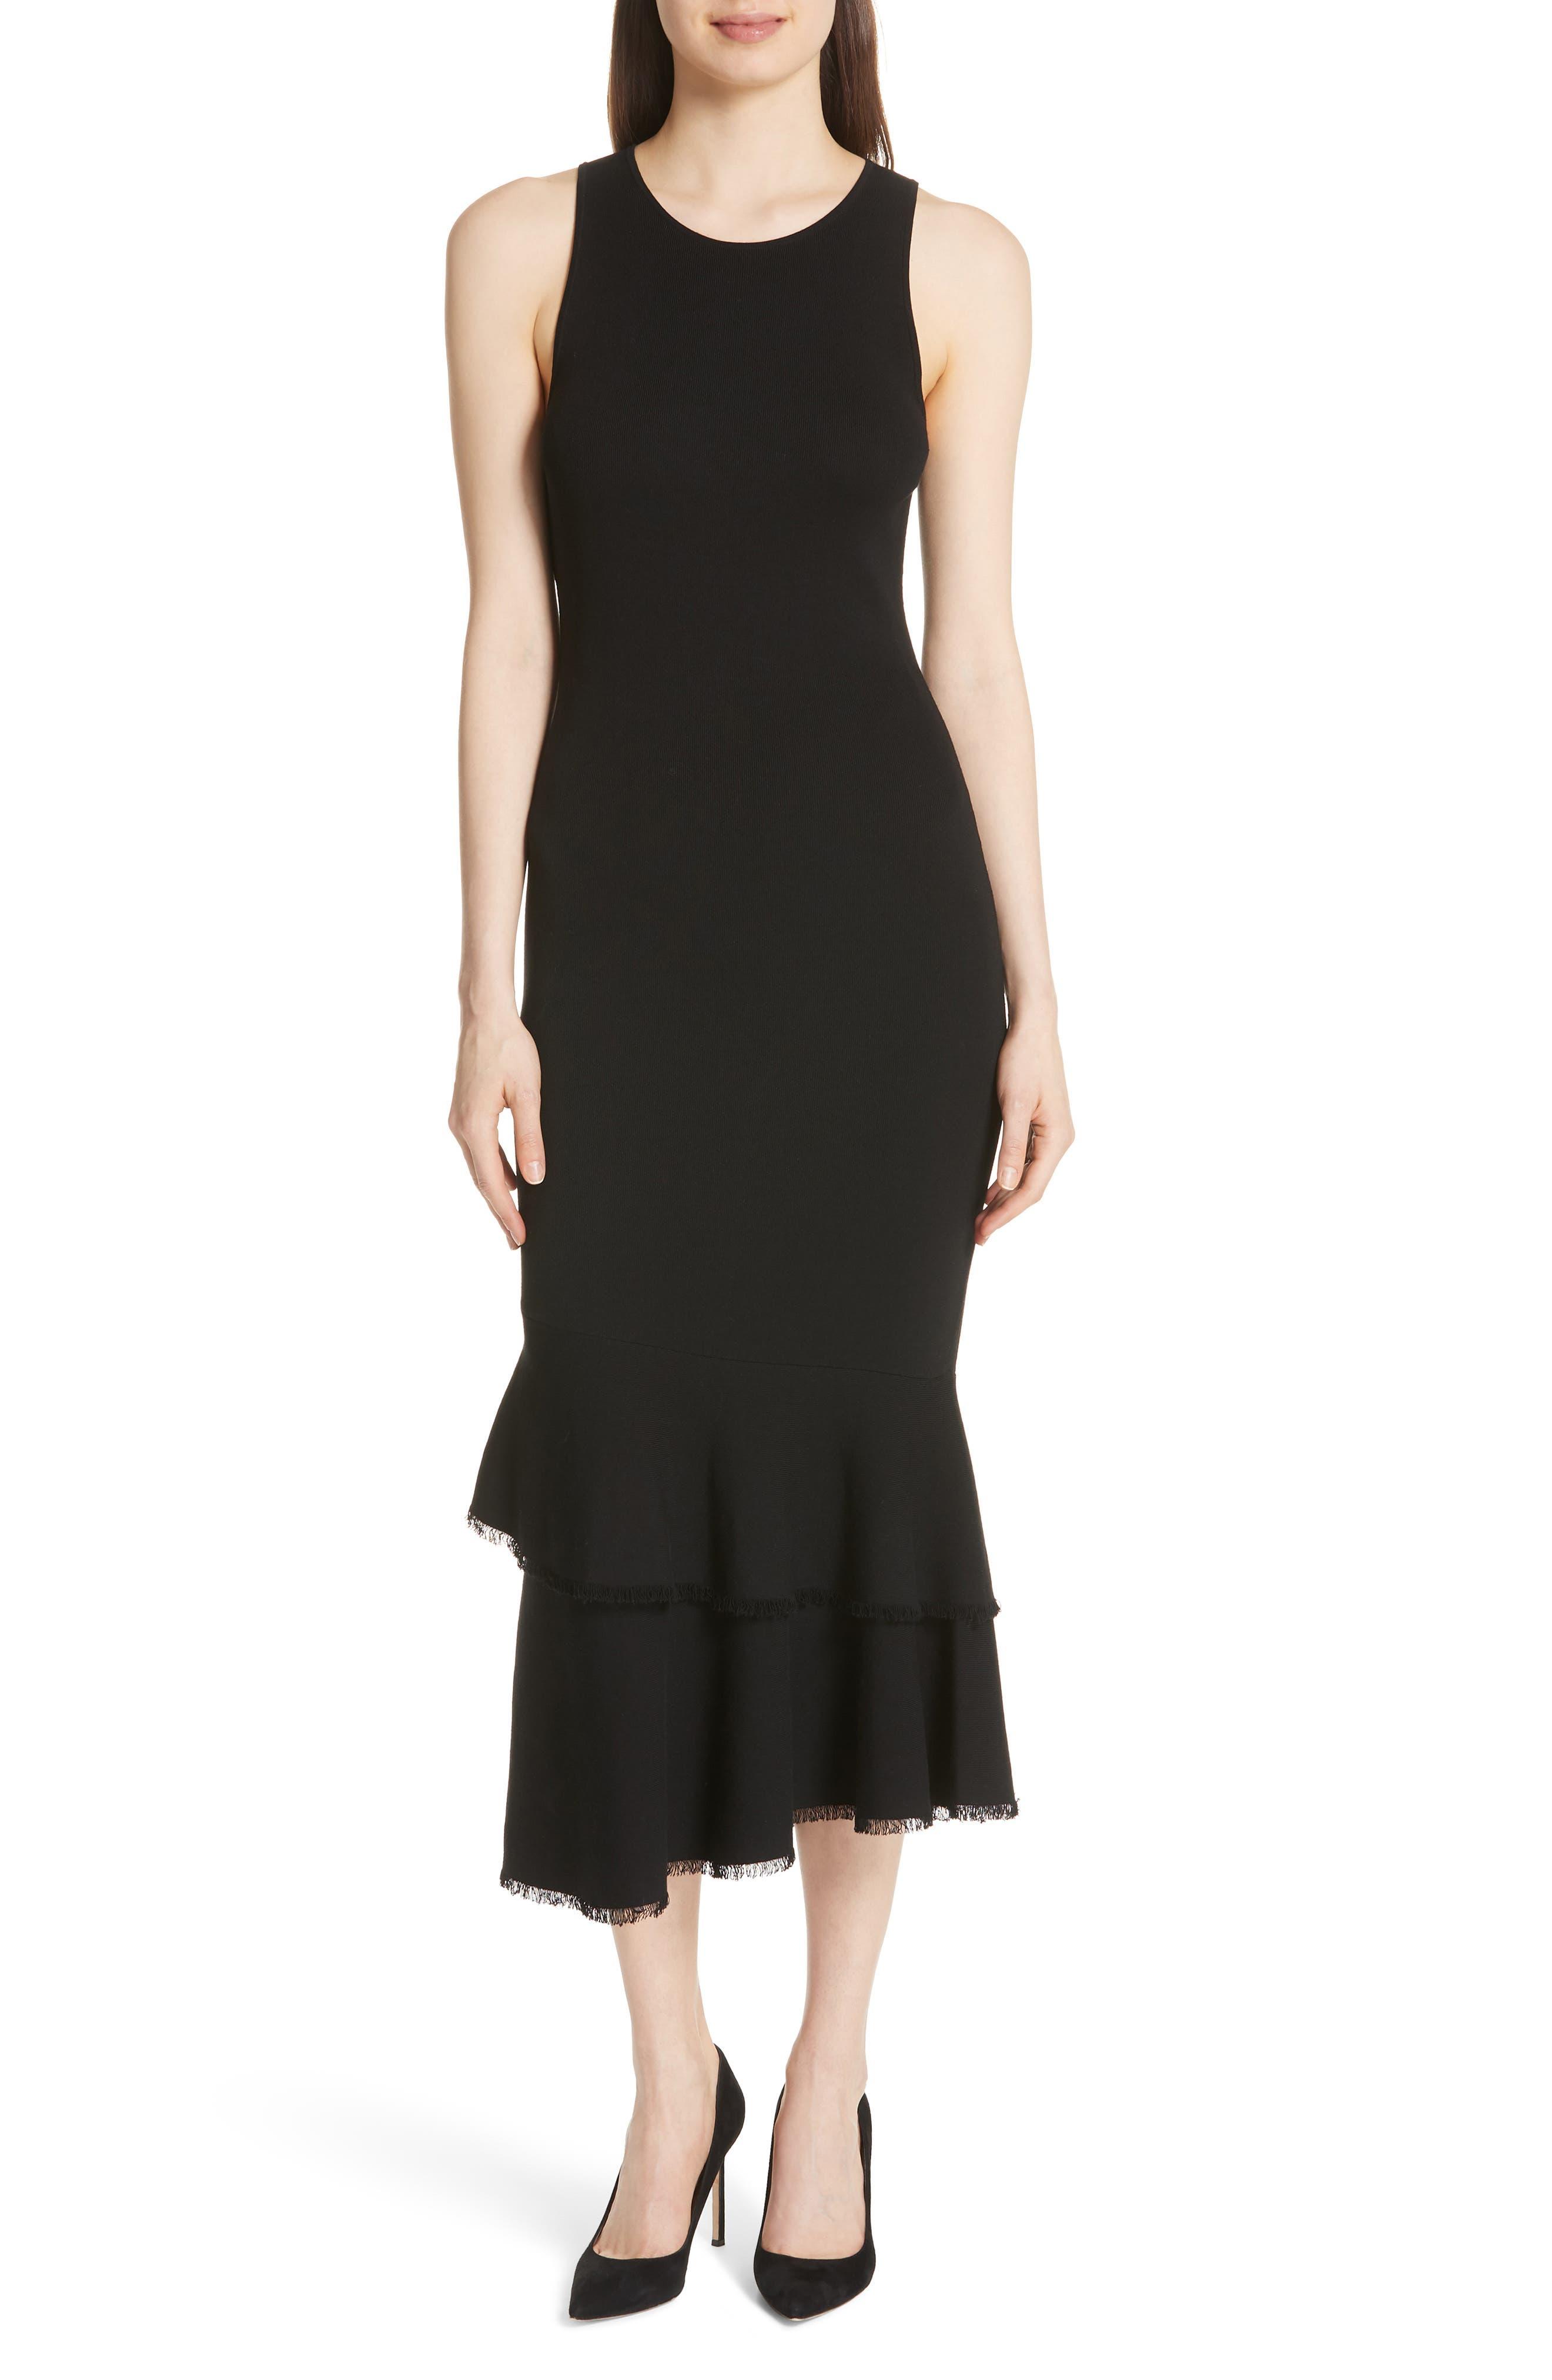 Nilimary Prosecco Midi Dress,                         Main,                         color, Black